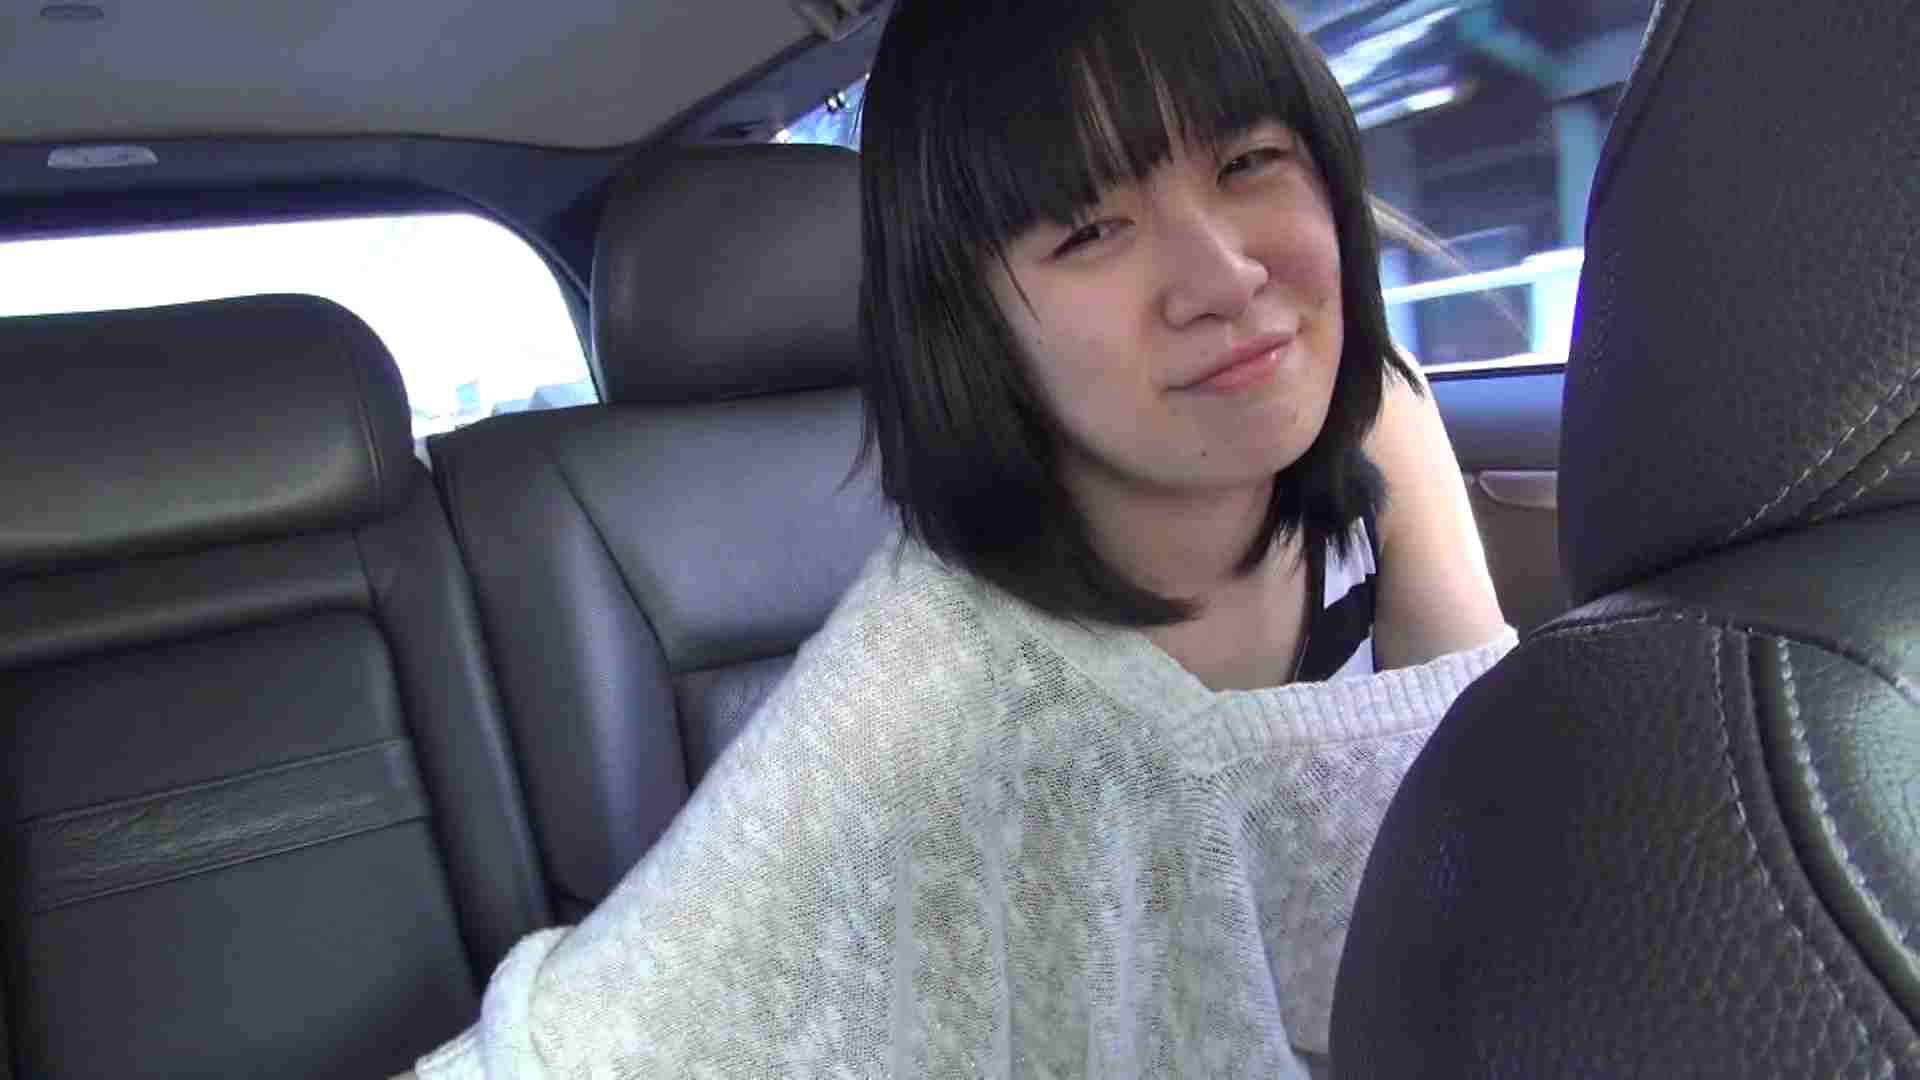 【母の時・01】インタビュー→とびっこ 覗き アダルト動画キャプチャ 103枚 103